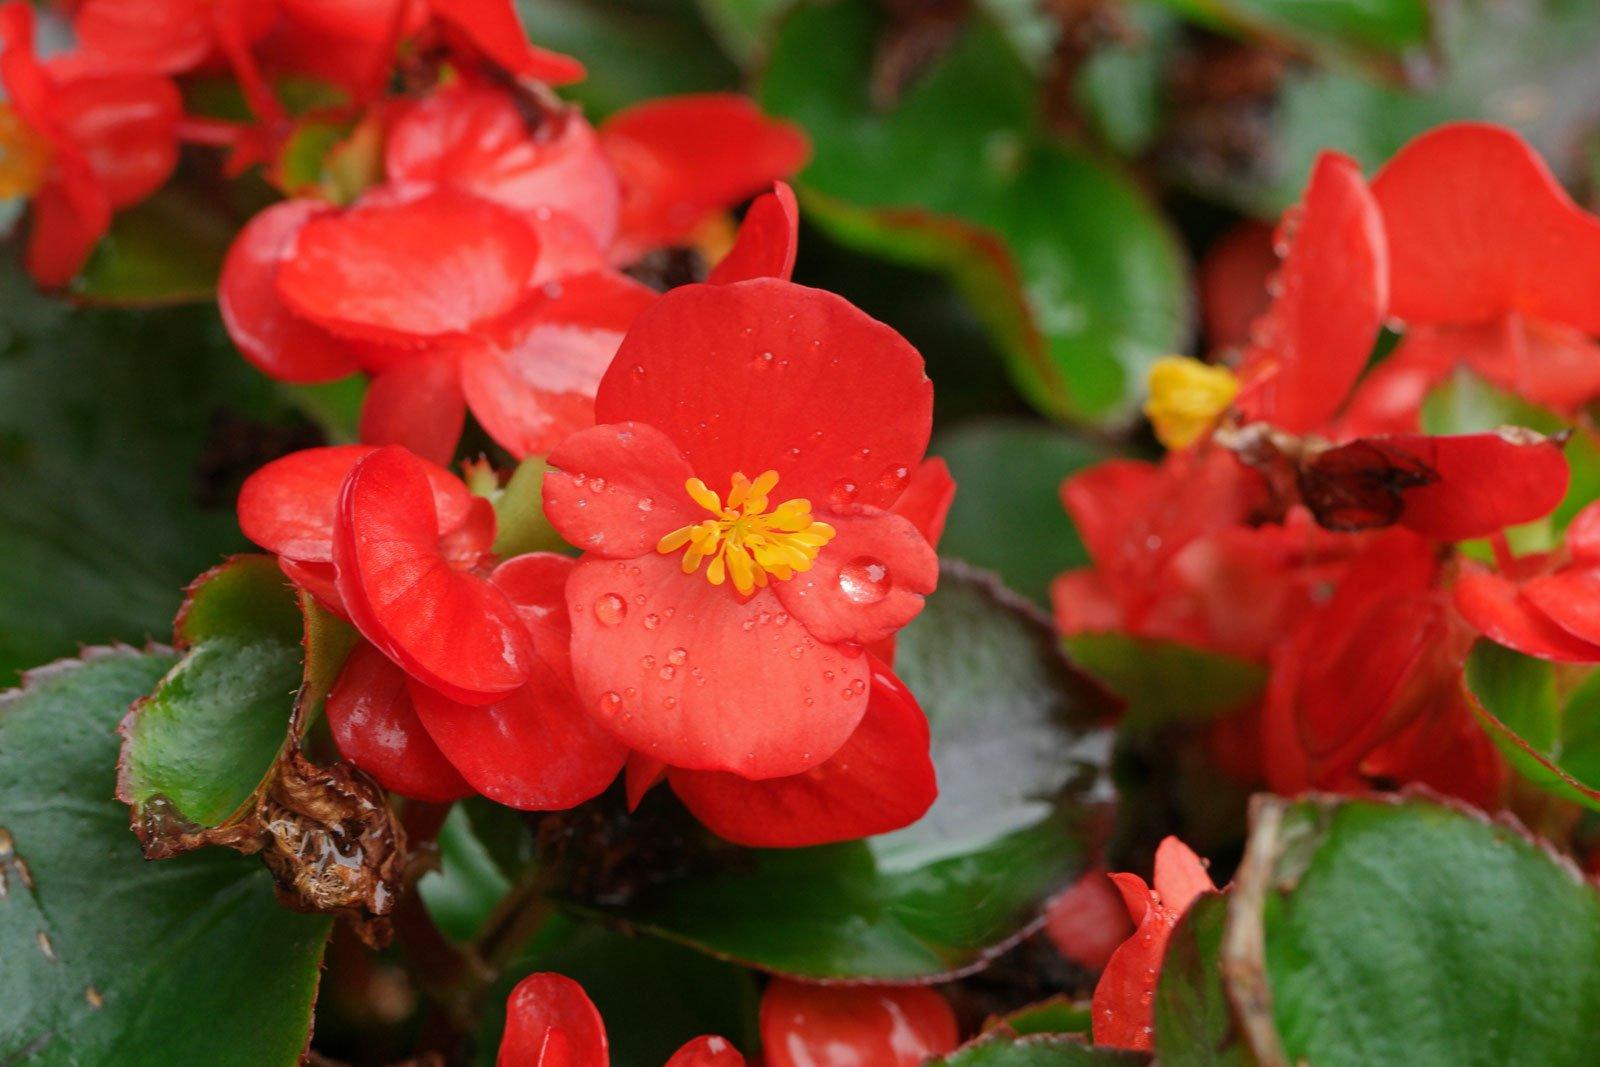 Eisbegonie rote Blüten